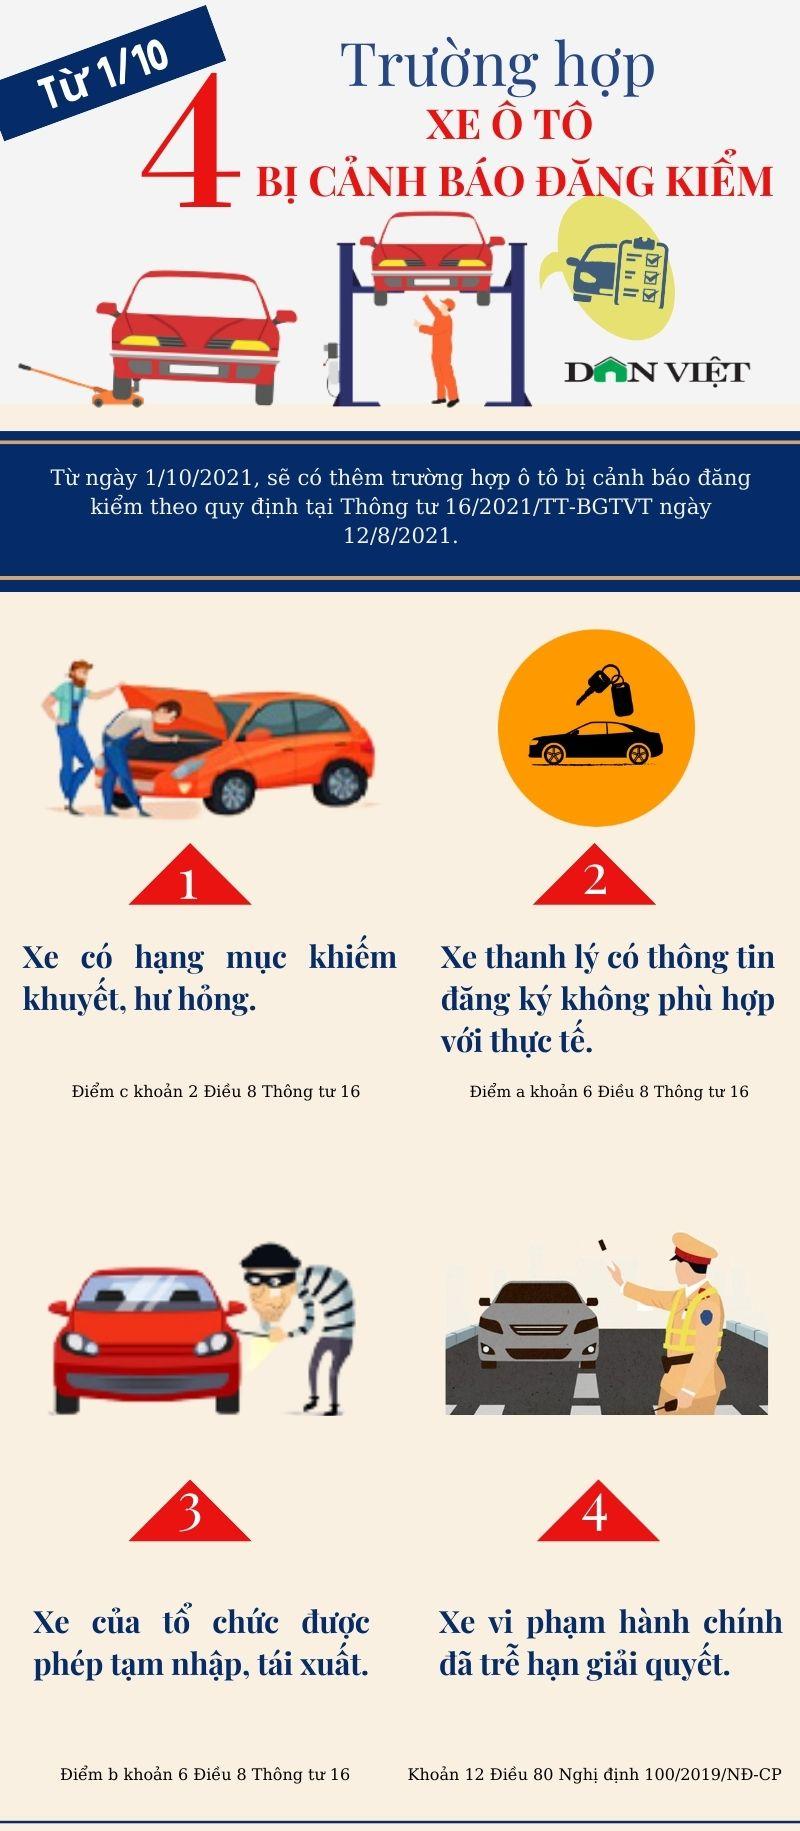 Từ ngày 1/10, 4 trường hợp xe ô tô bị cảnh báo đăng kiểm  - Ảnh 1.